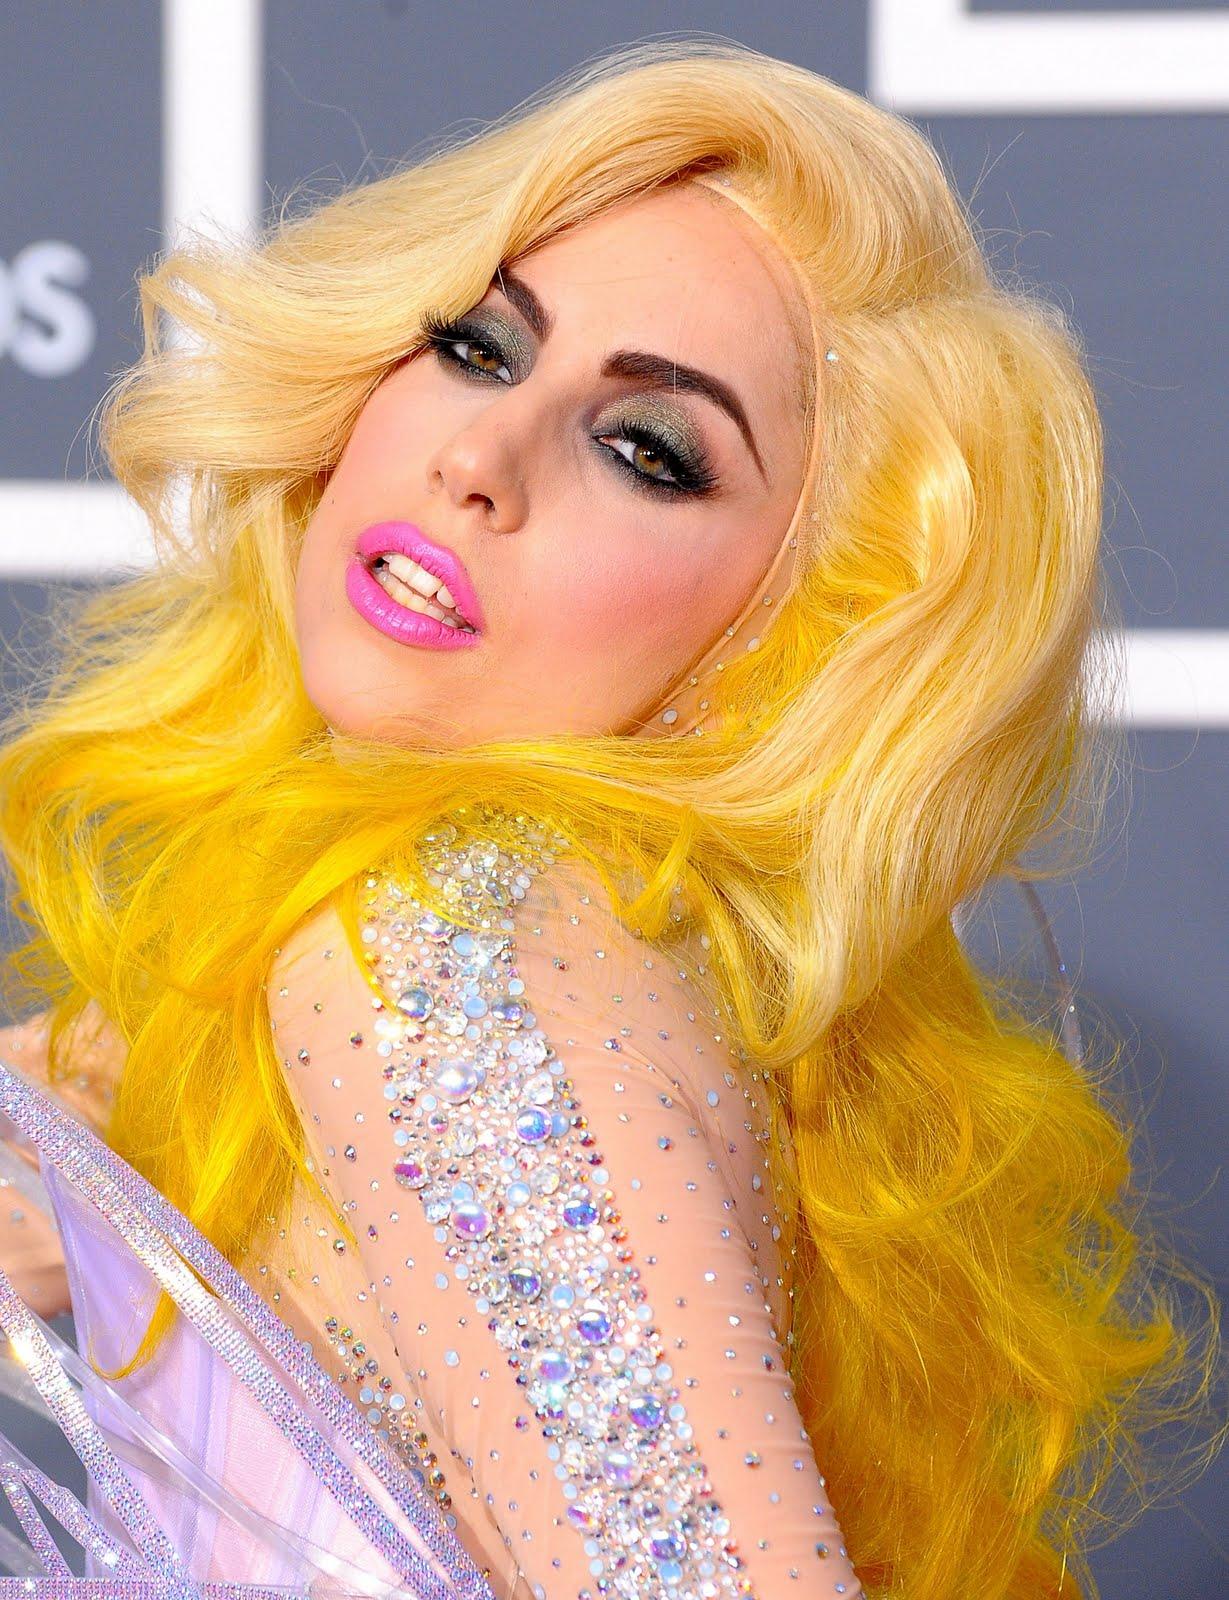 http://2.bp.blogspot.com/_2H10y43Moa8/S9uRnQC7hOI/AAAAAAAAANM/lJizfs4p2HE/s1600/lady_gaga_grammys.jpg